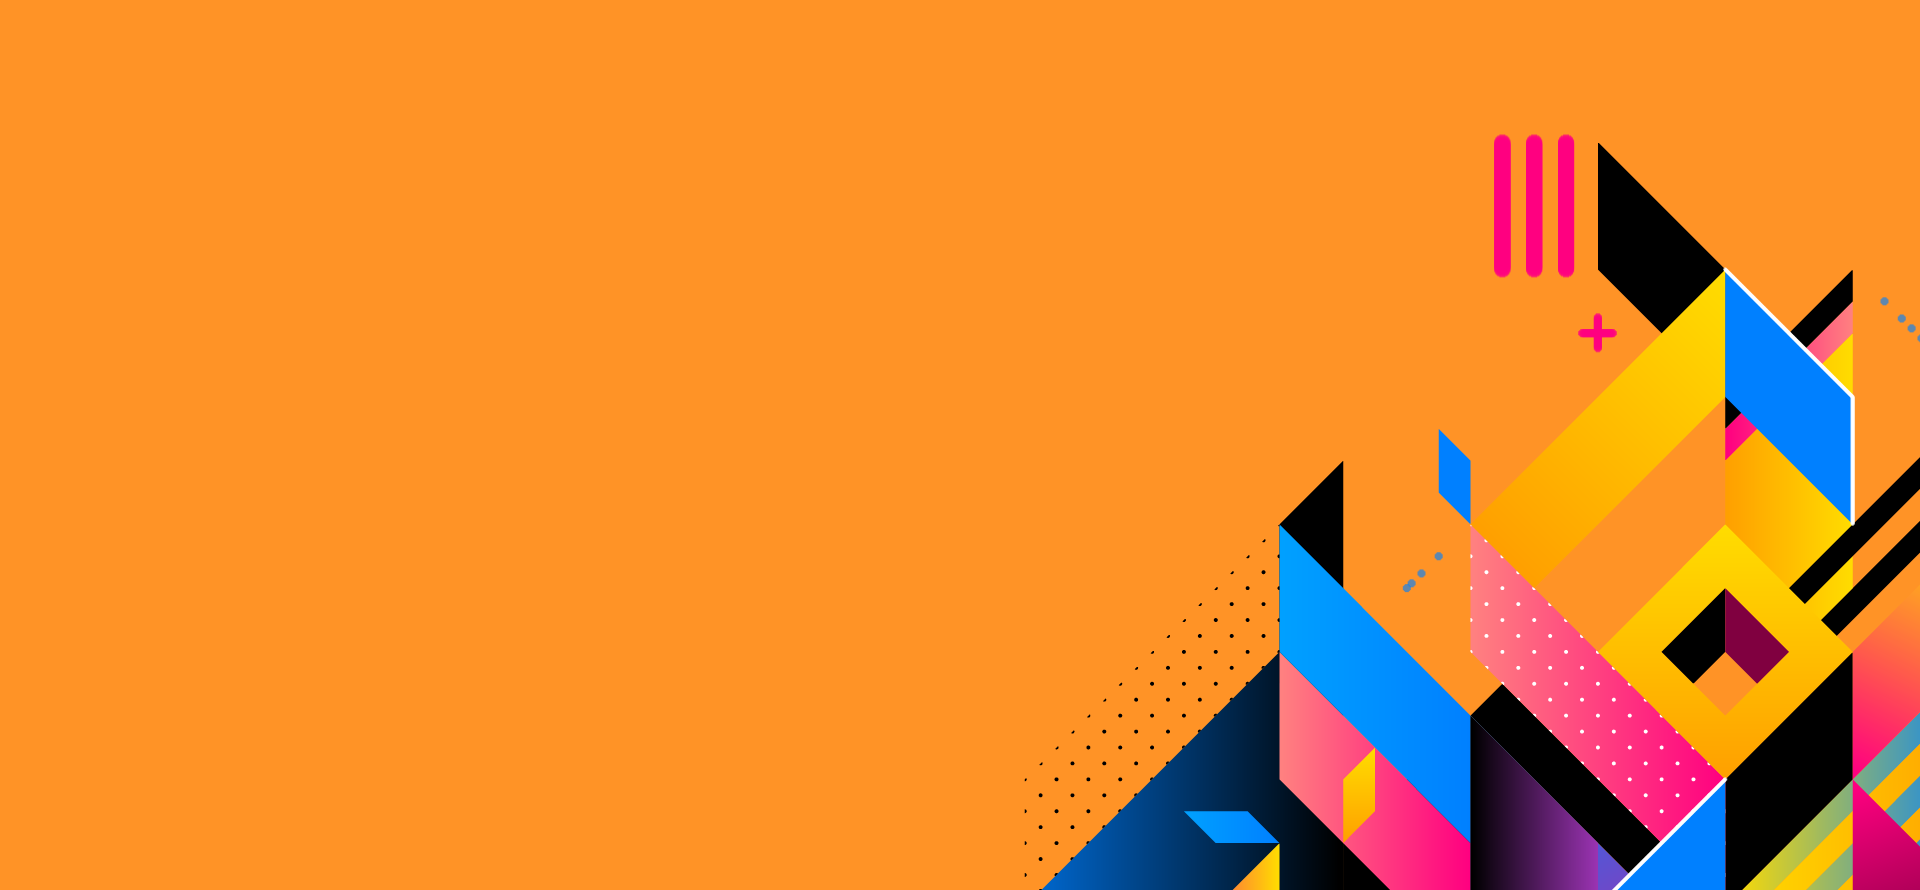 immagine sfondo arancione con figure astratte